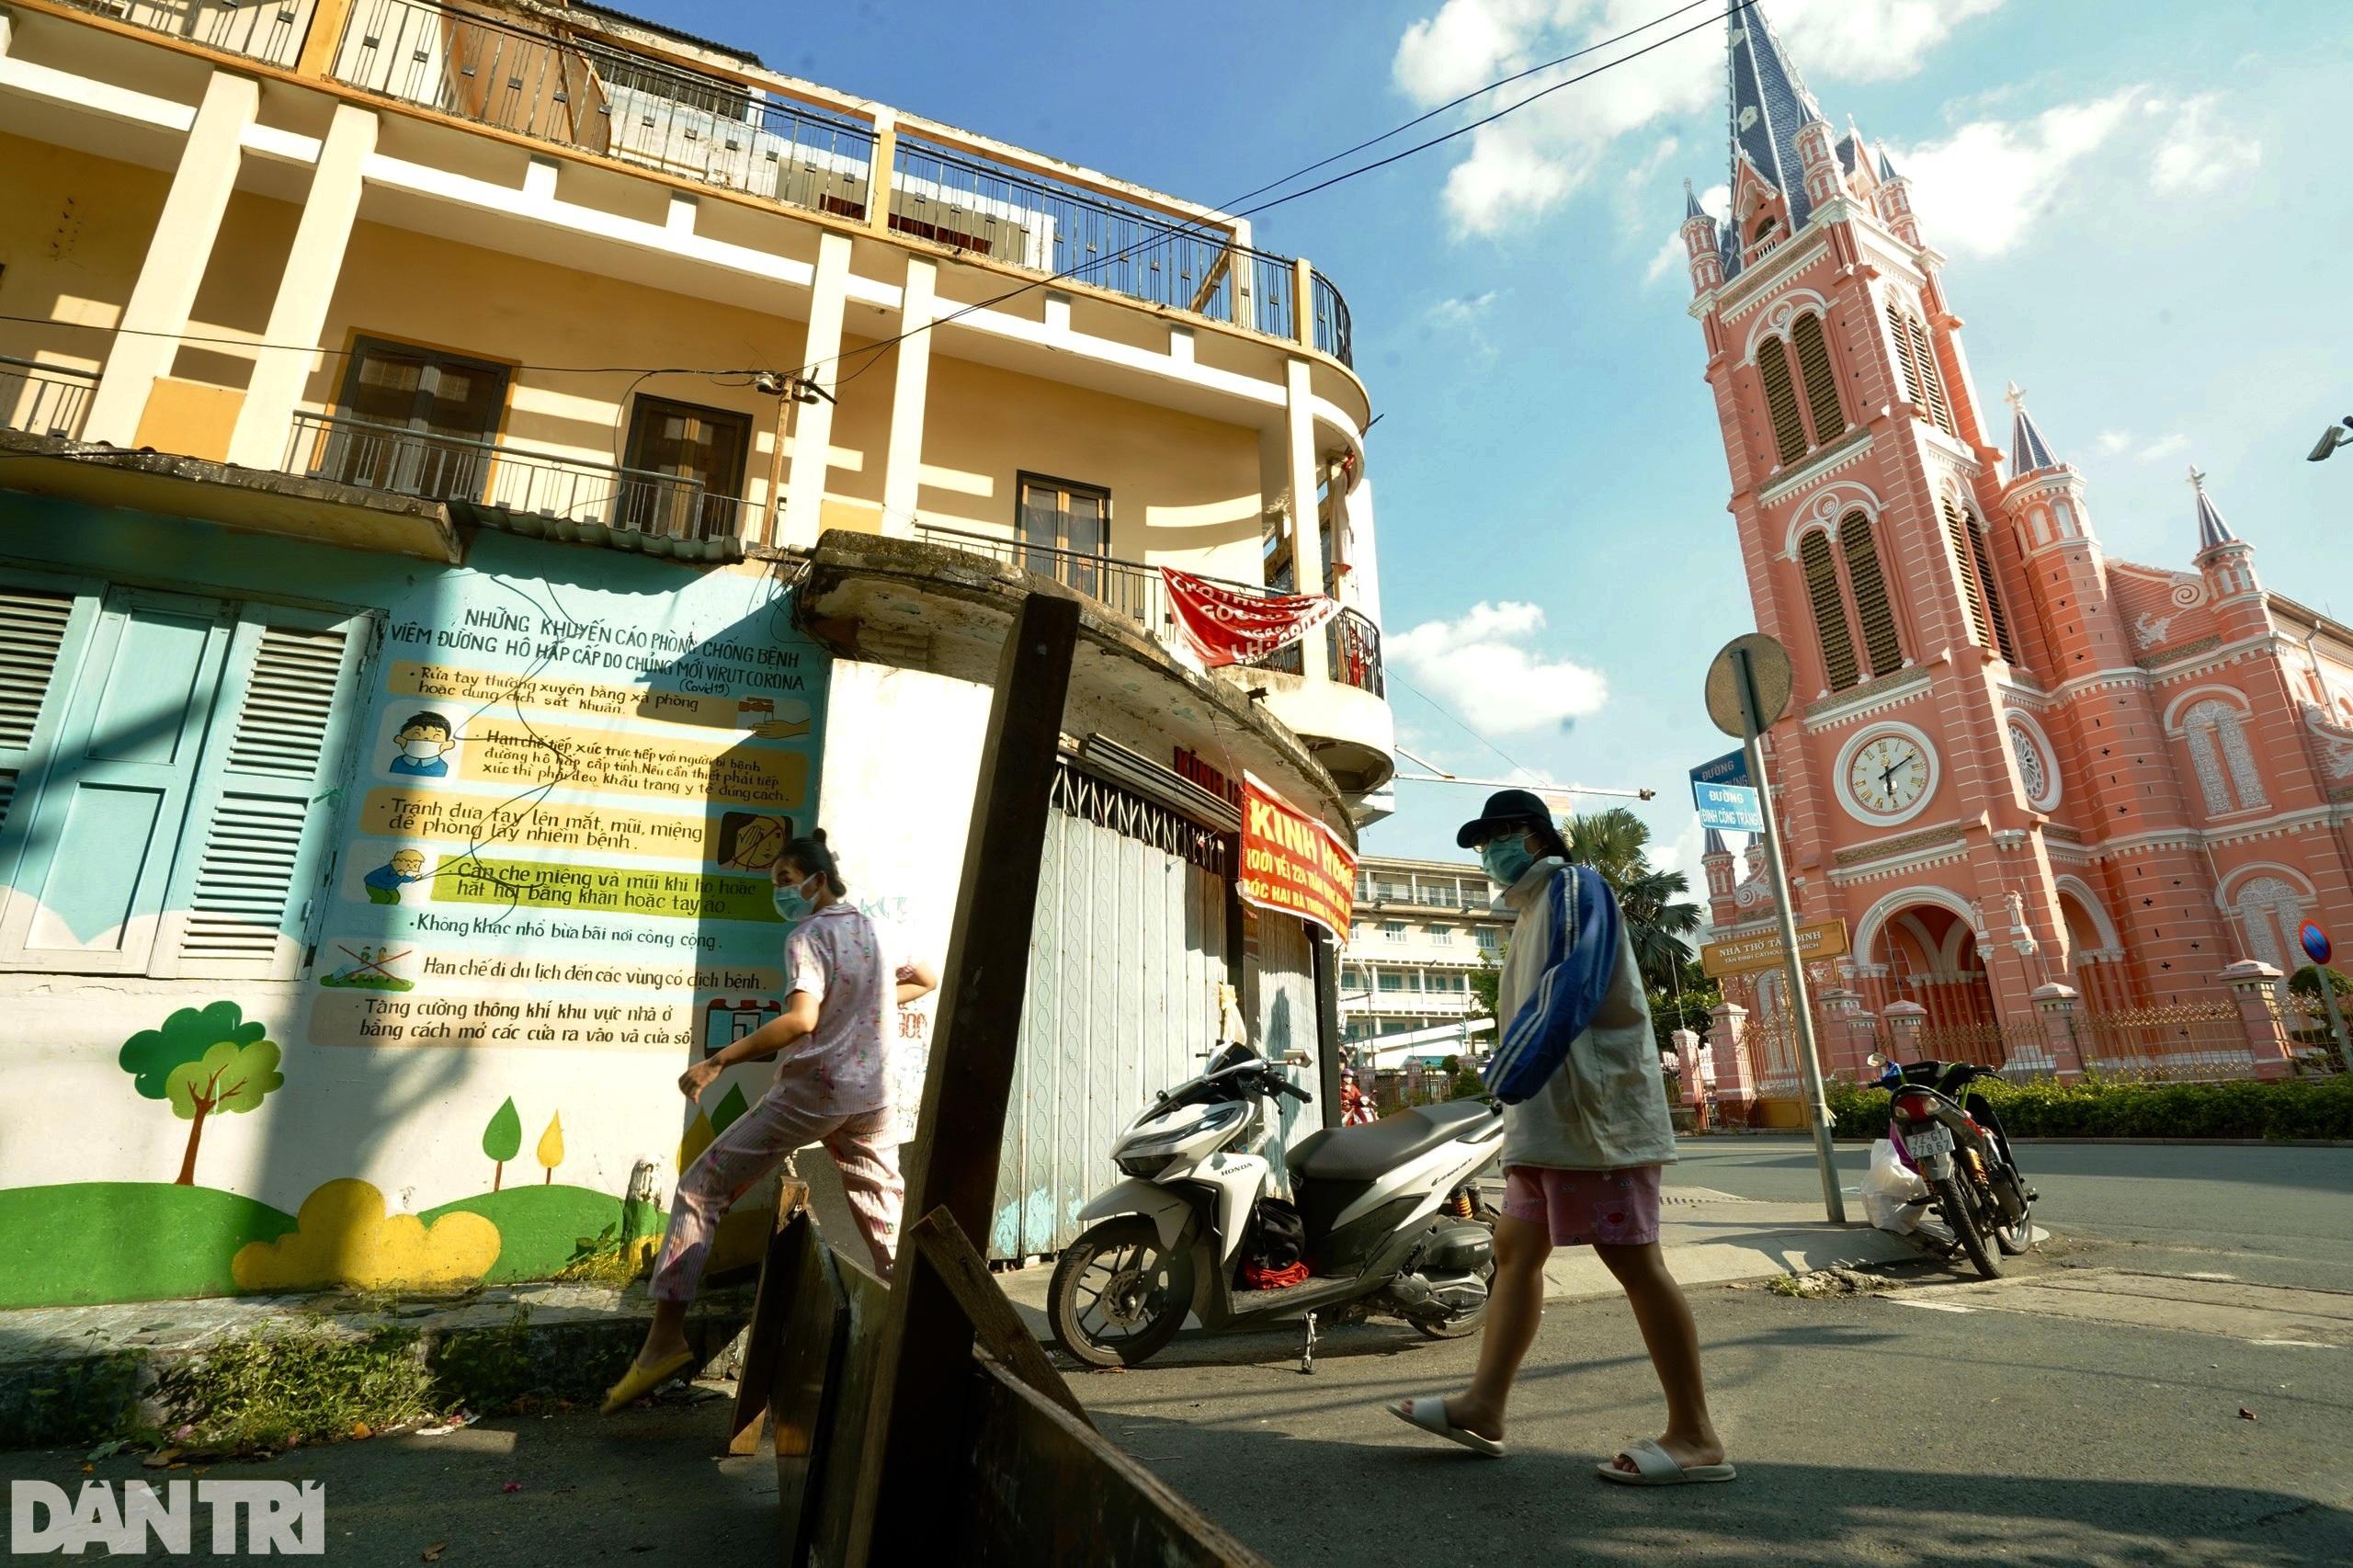 Hẻm nhỏ ở TPHCM dỡ chốt phong tỏa, đường lớn vẫn rào chắn kín mít - 8